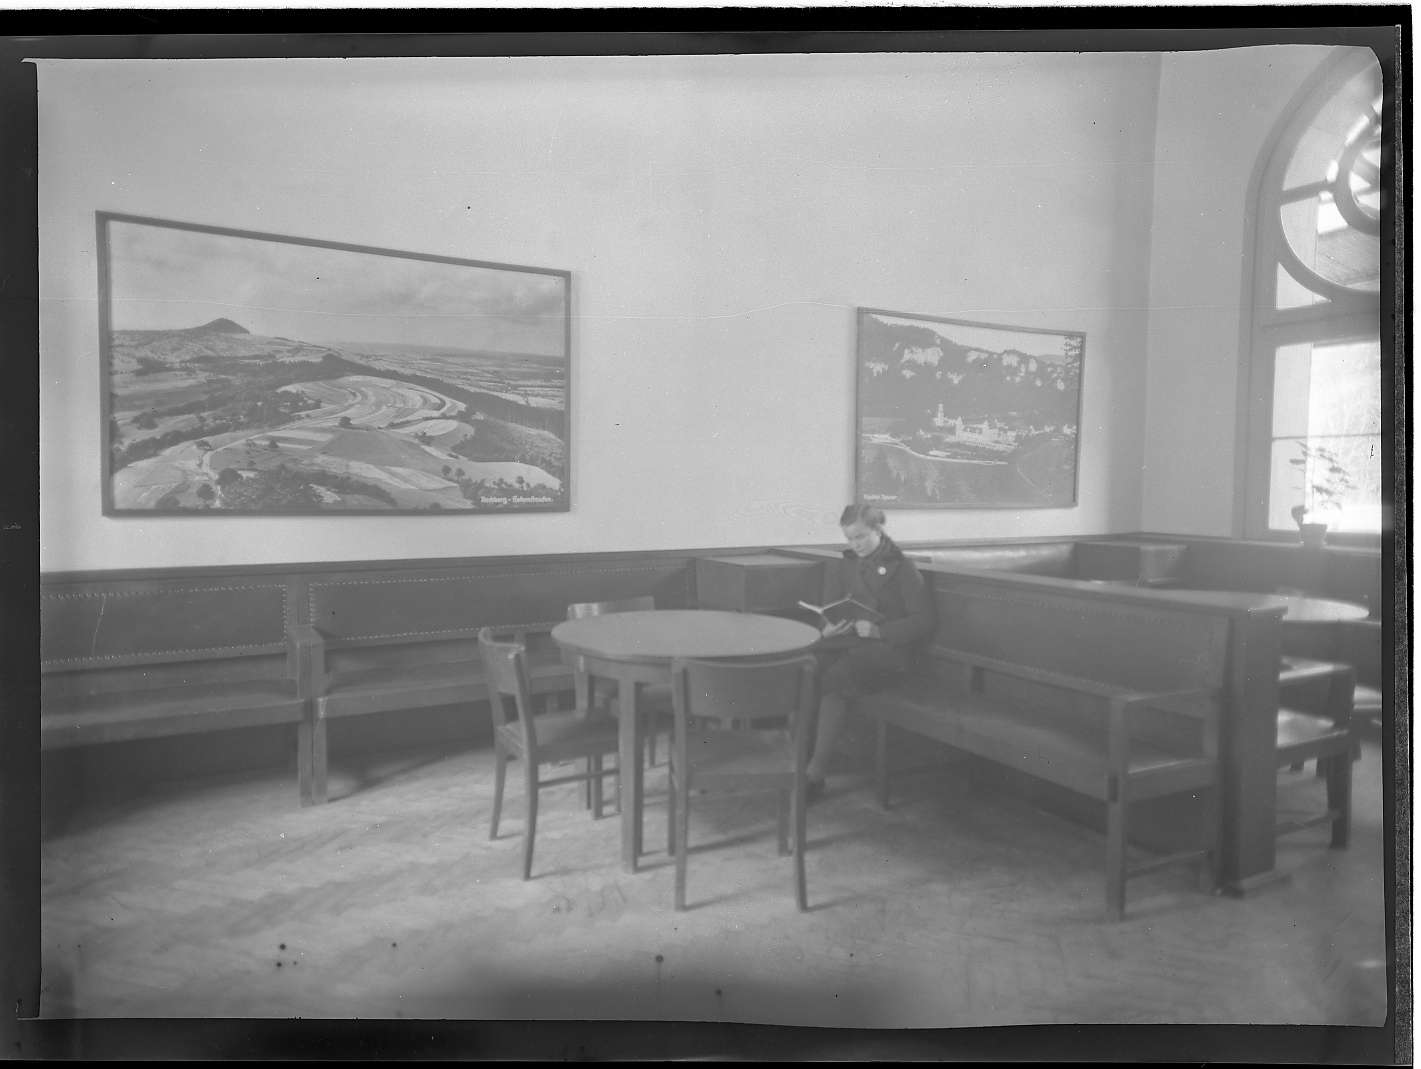 Wildbad, Bf, Gebäude innen alt, Wandbemalung (o.D. 1940); verschiedene Räume (13.11.1941), Abb. b